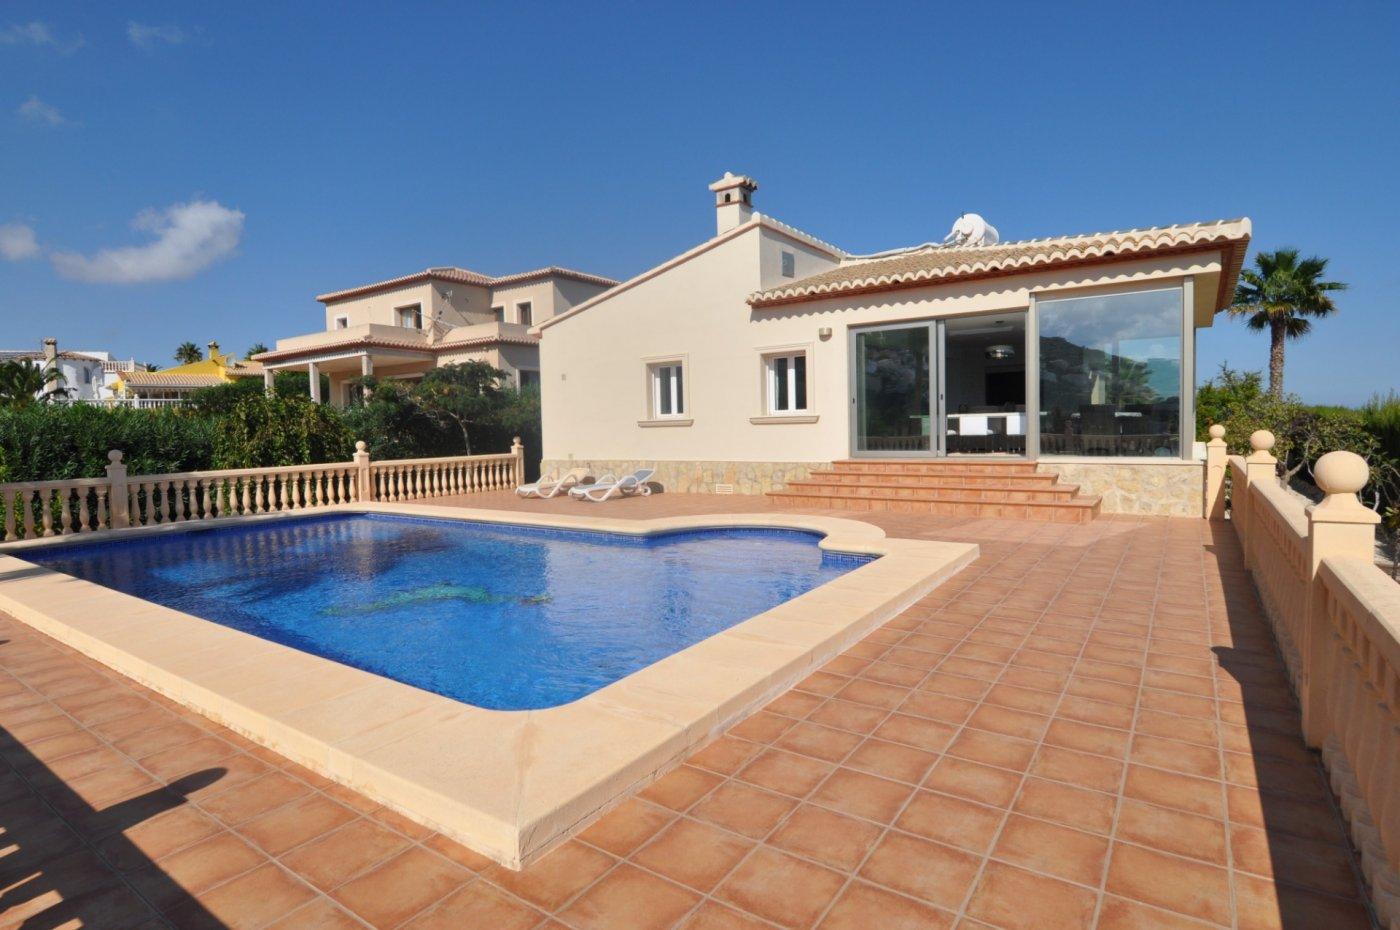 villa en benitachell · cumbres-del-sol 695000€